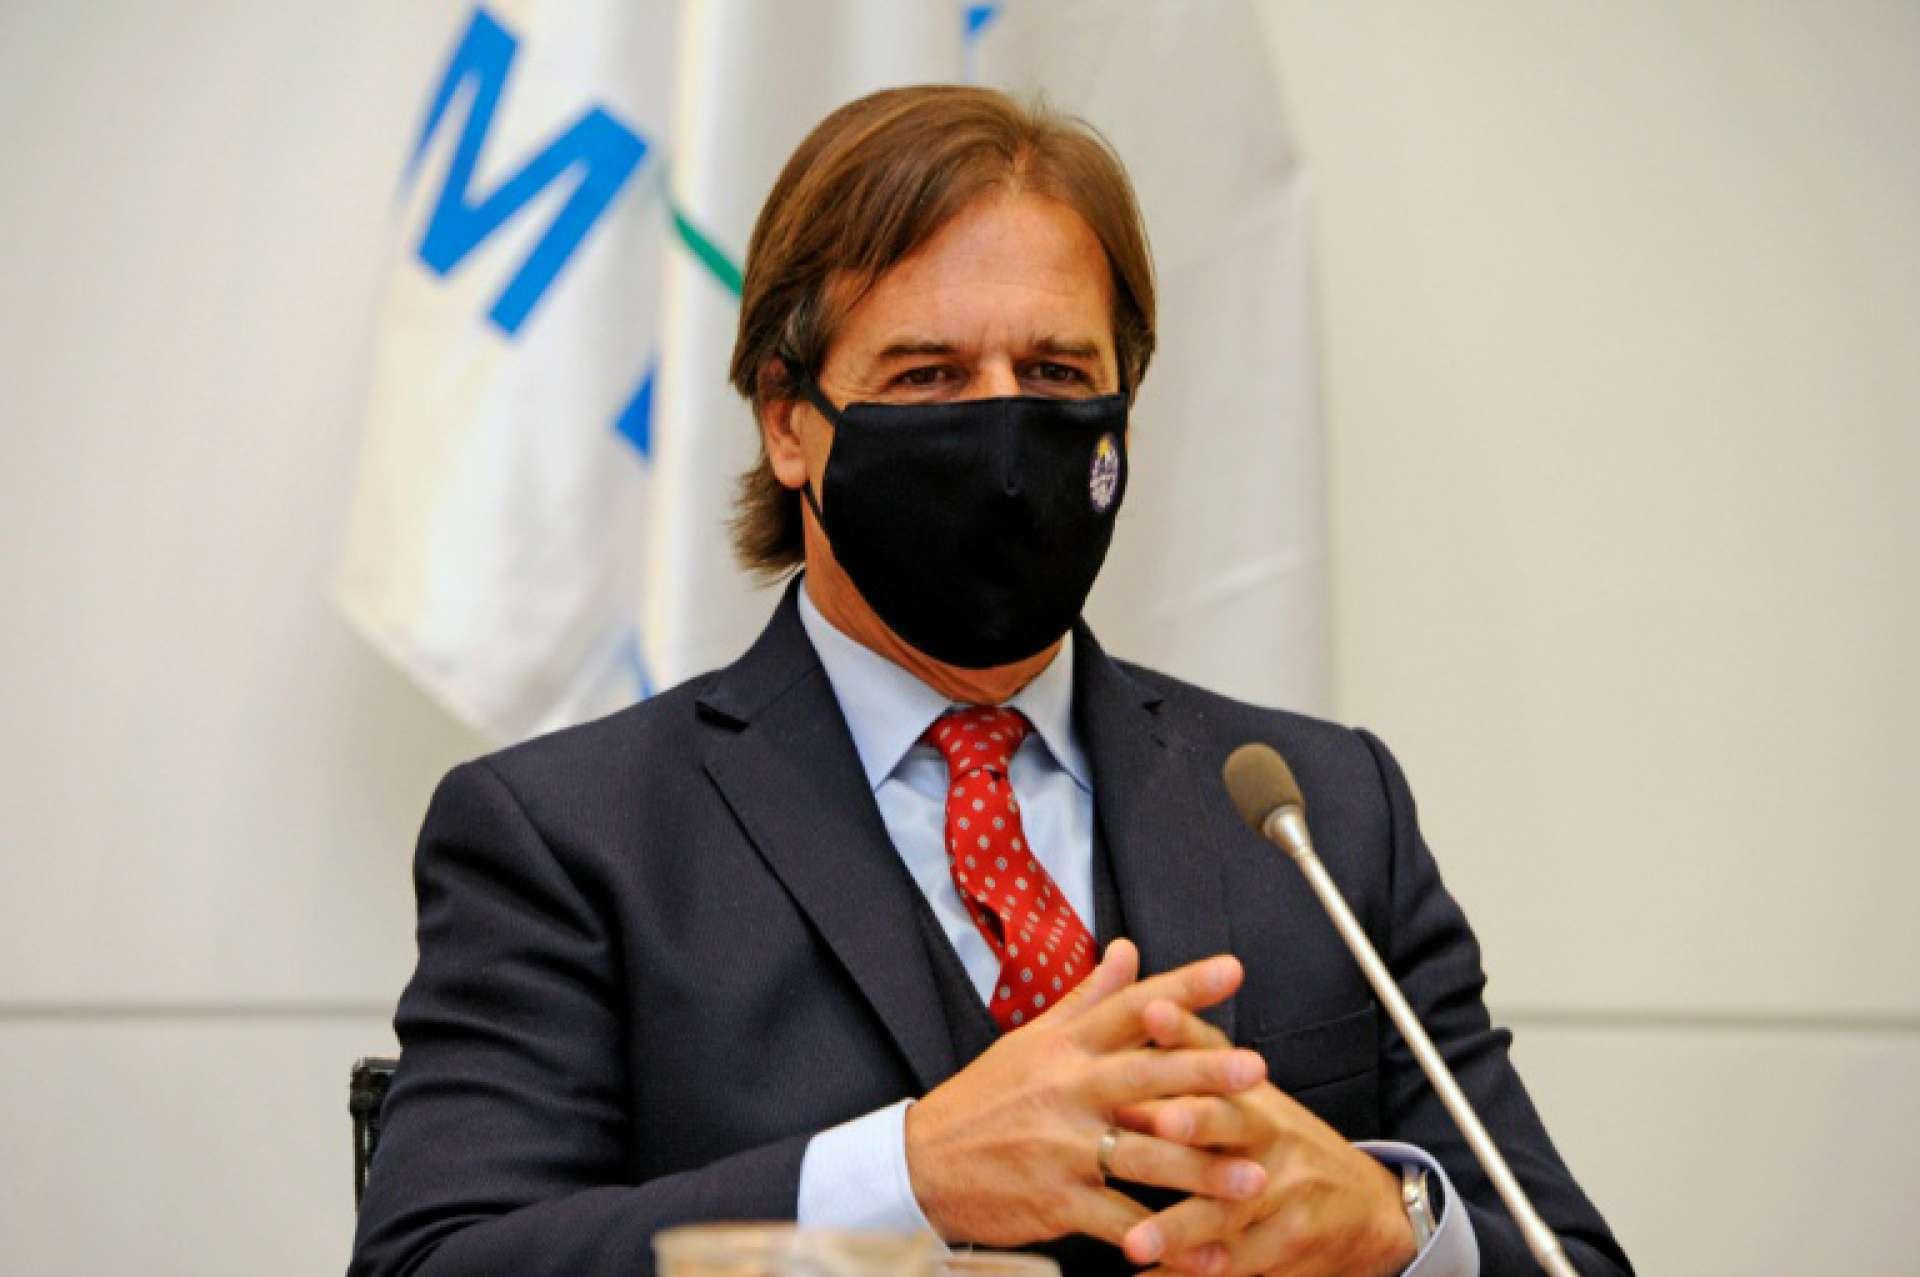 O presidente do Uruguai, Luis Lacalle Pou, anunciou que o país voltará a abrir as fronteiras aos brasileiros totalmente vacinados em 1º de novembro. (Foto: AFP)